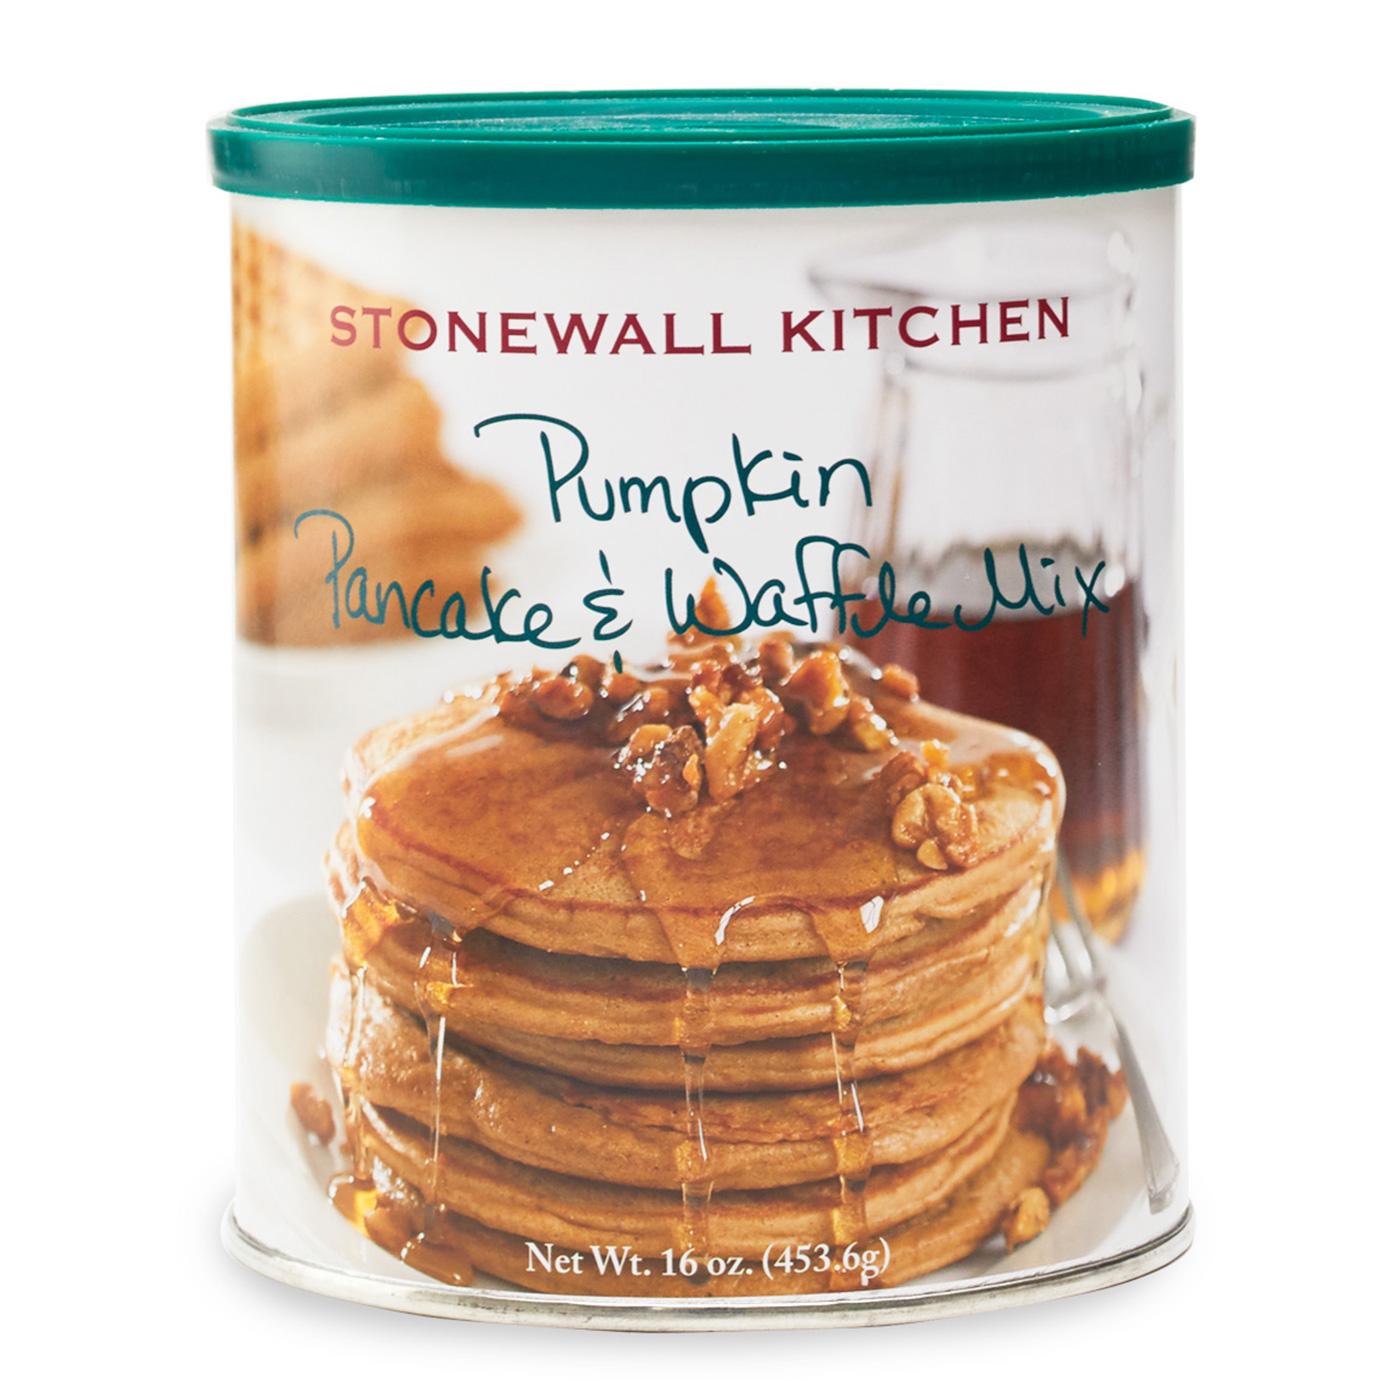 Stonewall Kitchen Pancake Mix | Pumpkin Pancake Waffle Mix Pancakes Syrups Stonewall Kitchen